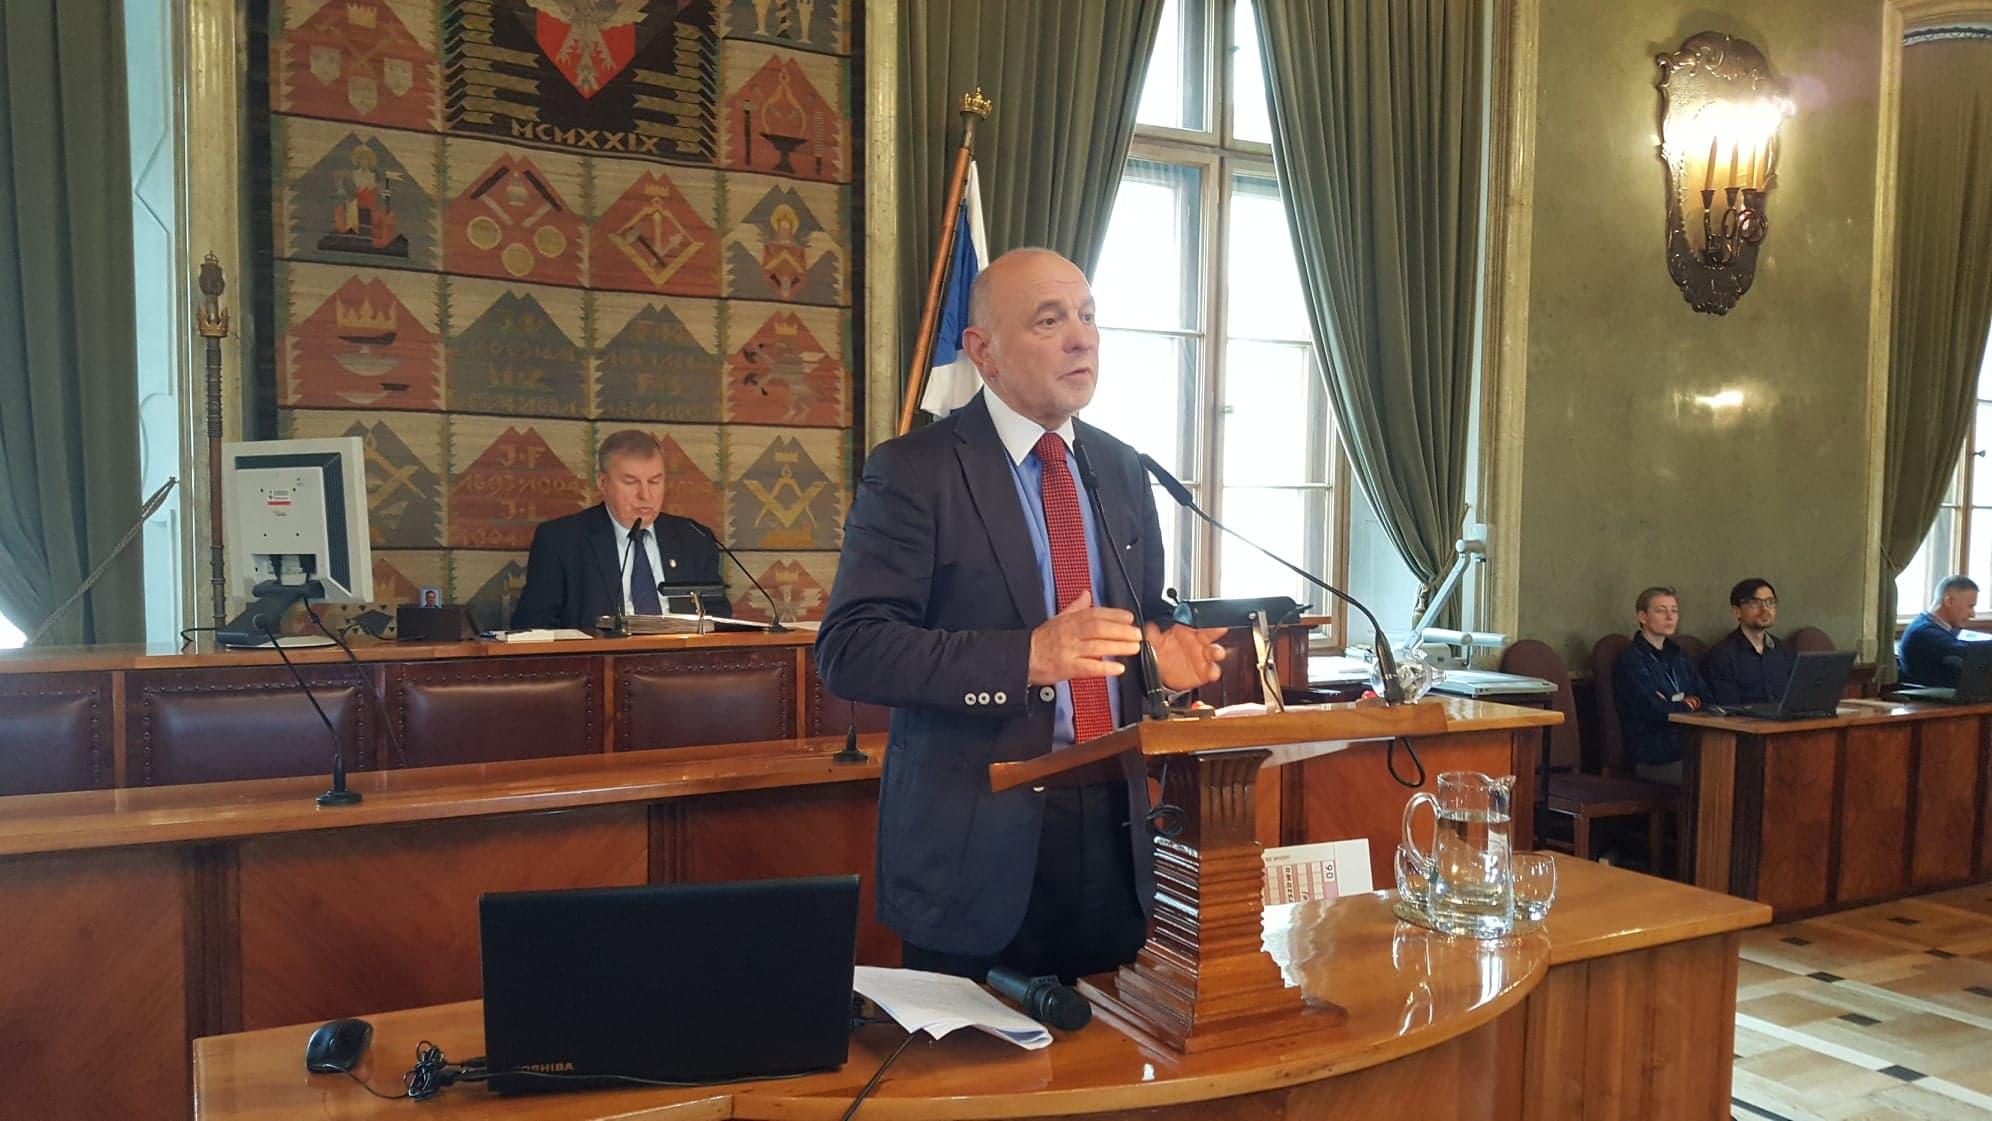 Poseł z Krakowa uważa, że obostrzenia związane z koronawirusem powinny być regionalne